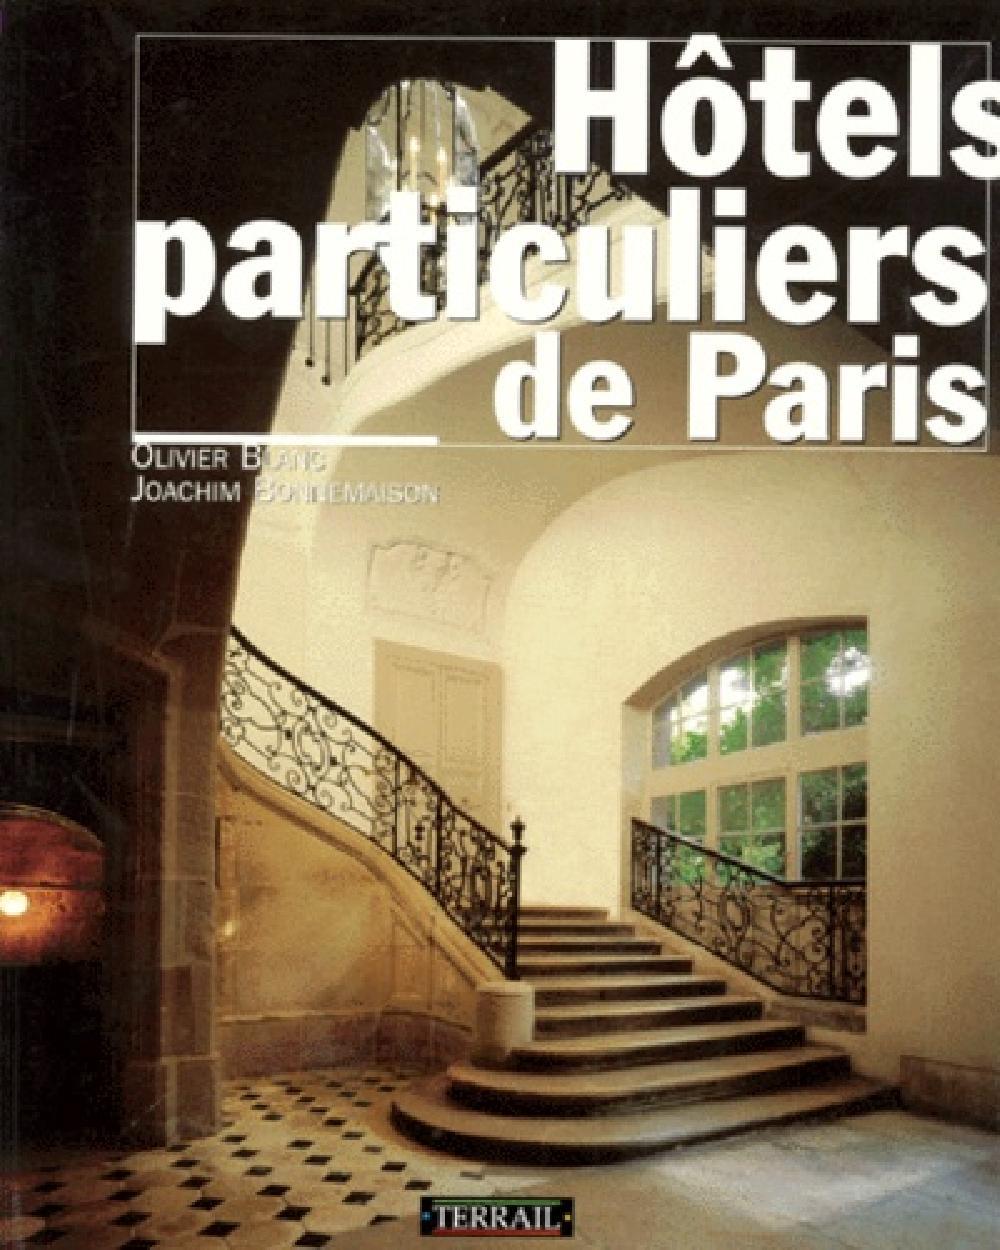 Hôtels particuliers de Paris